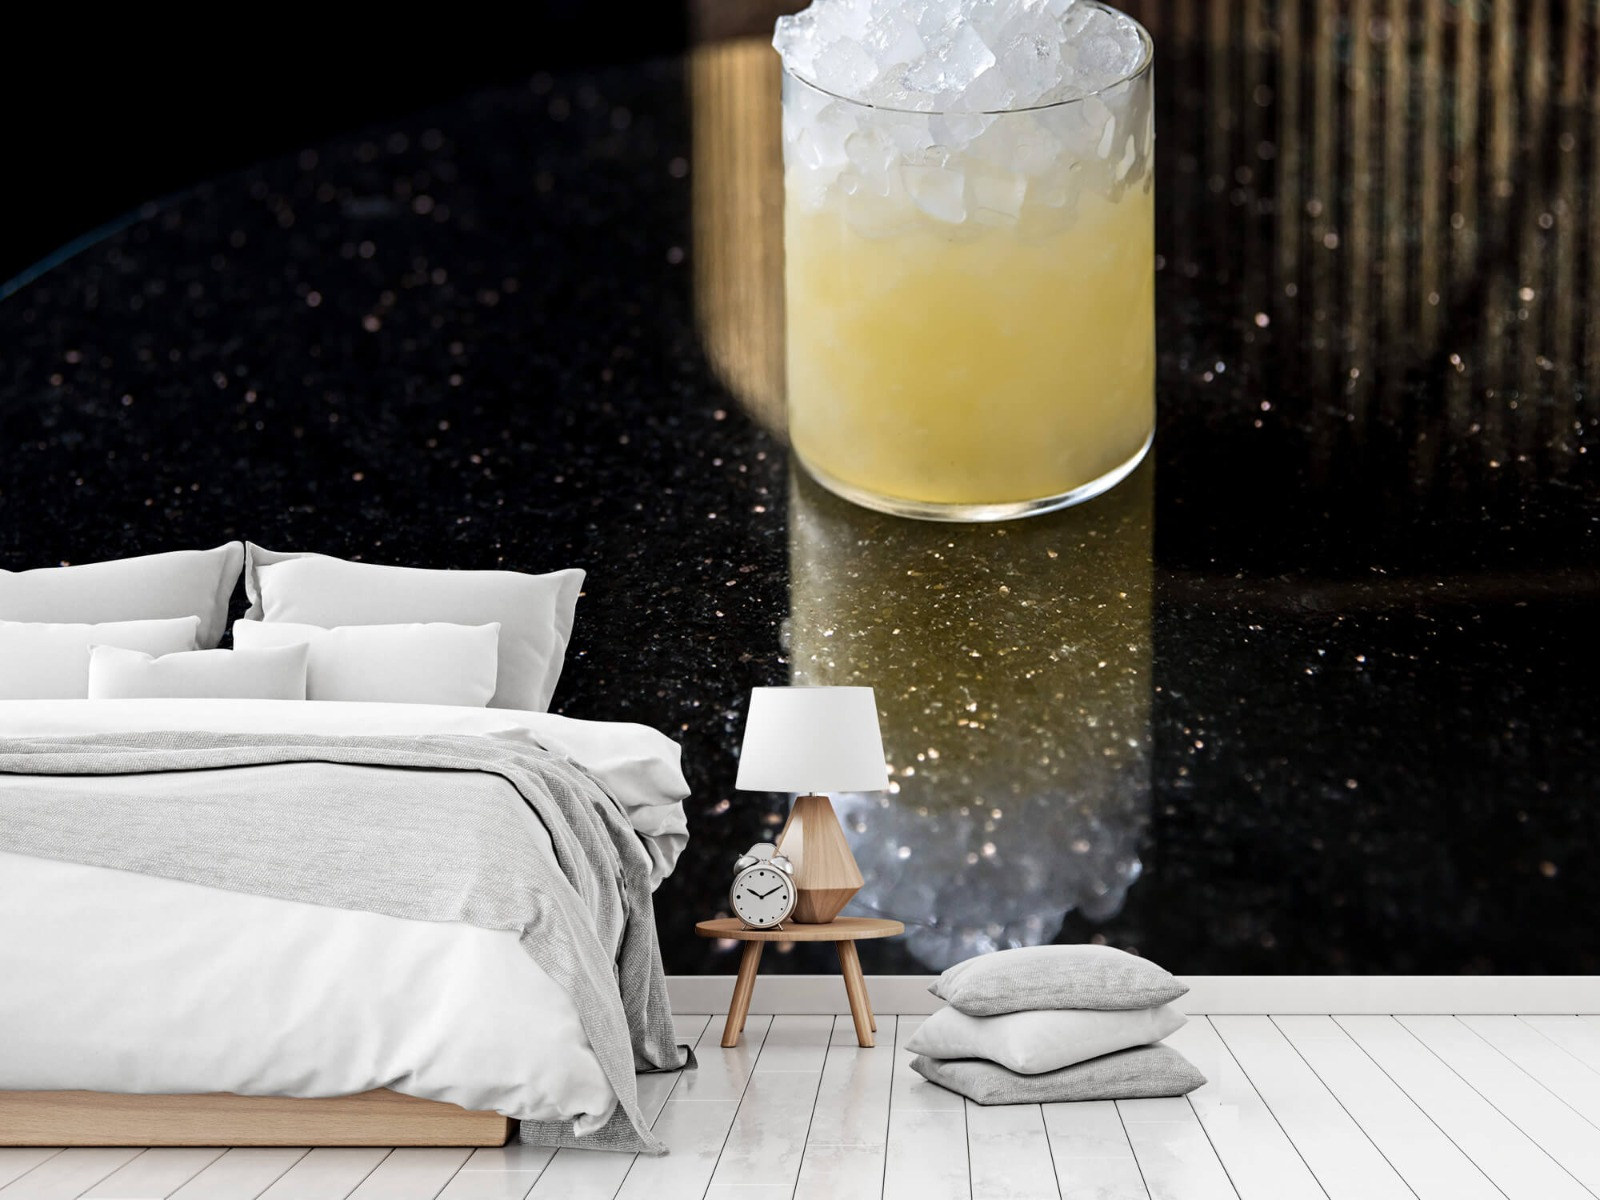 Overige - Luxe drankje - Keuken 14